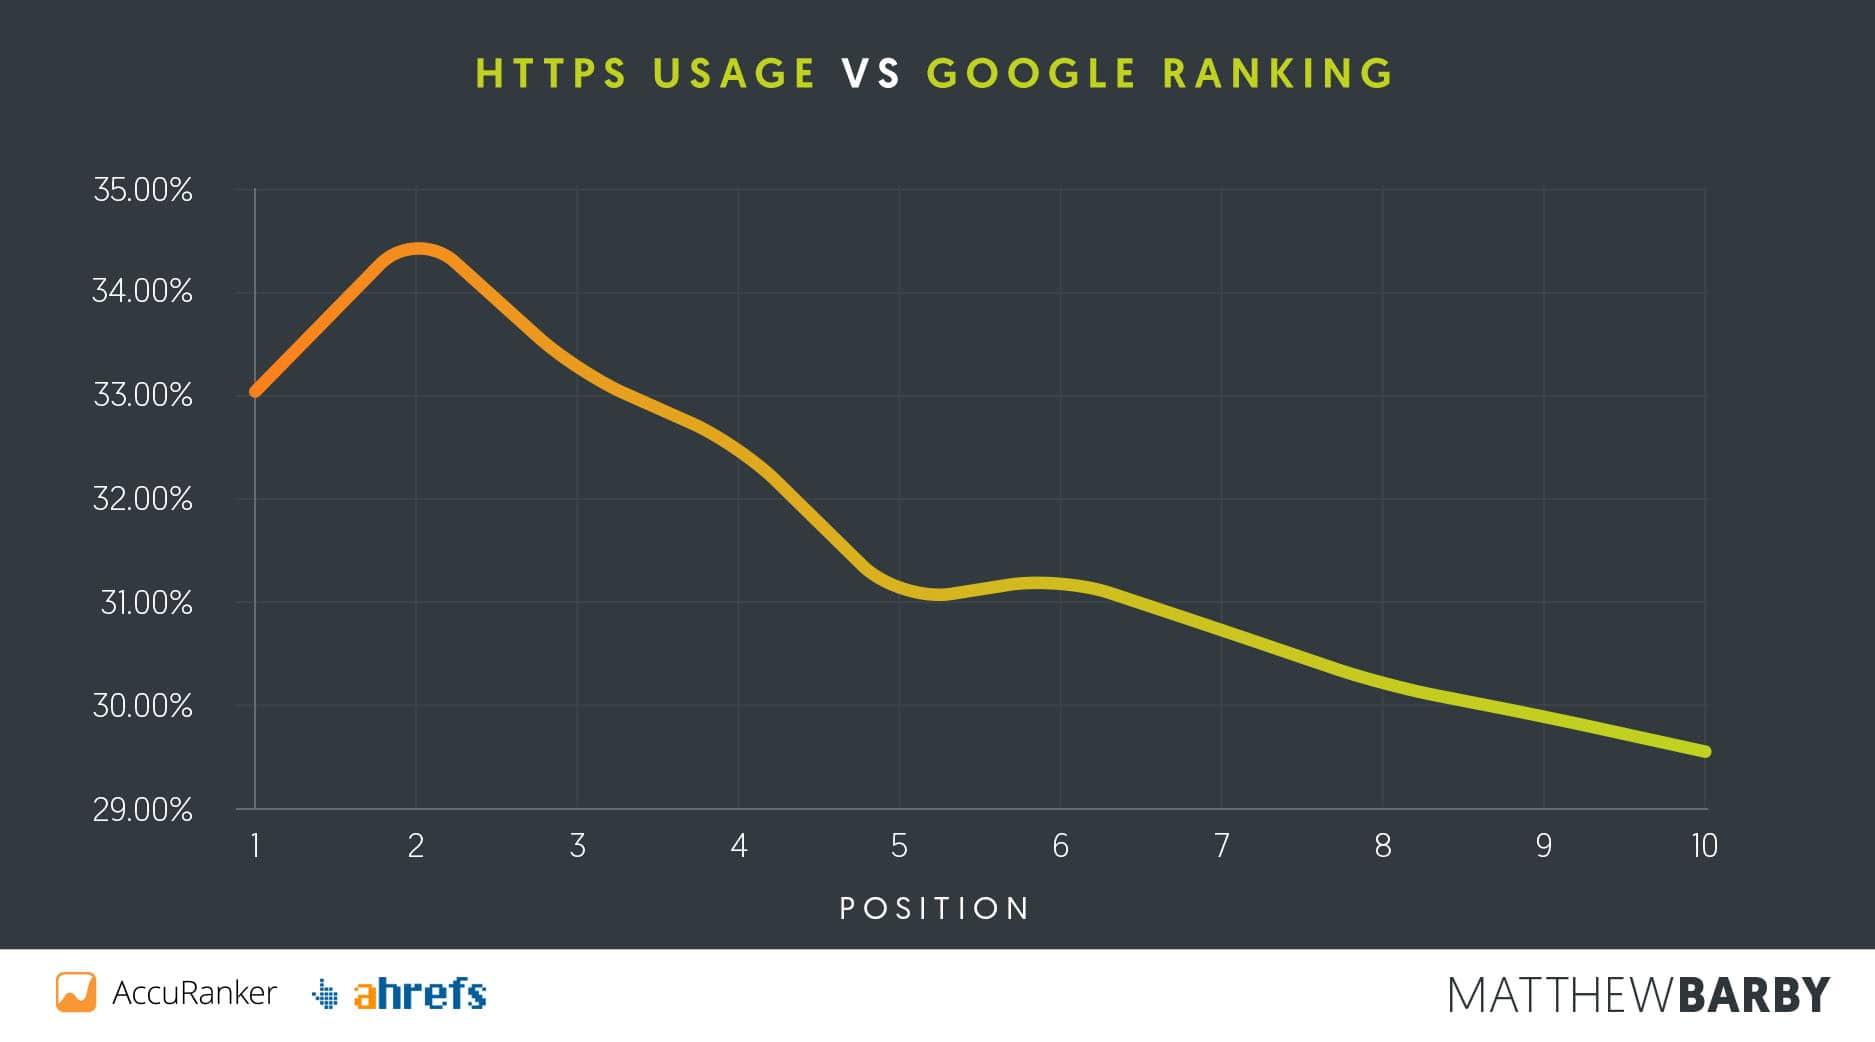 Utilizzo HTTPS rispetto al ranking di Google